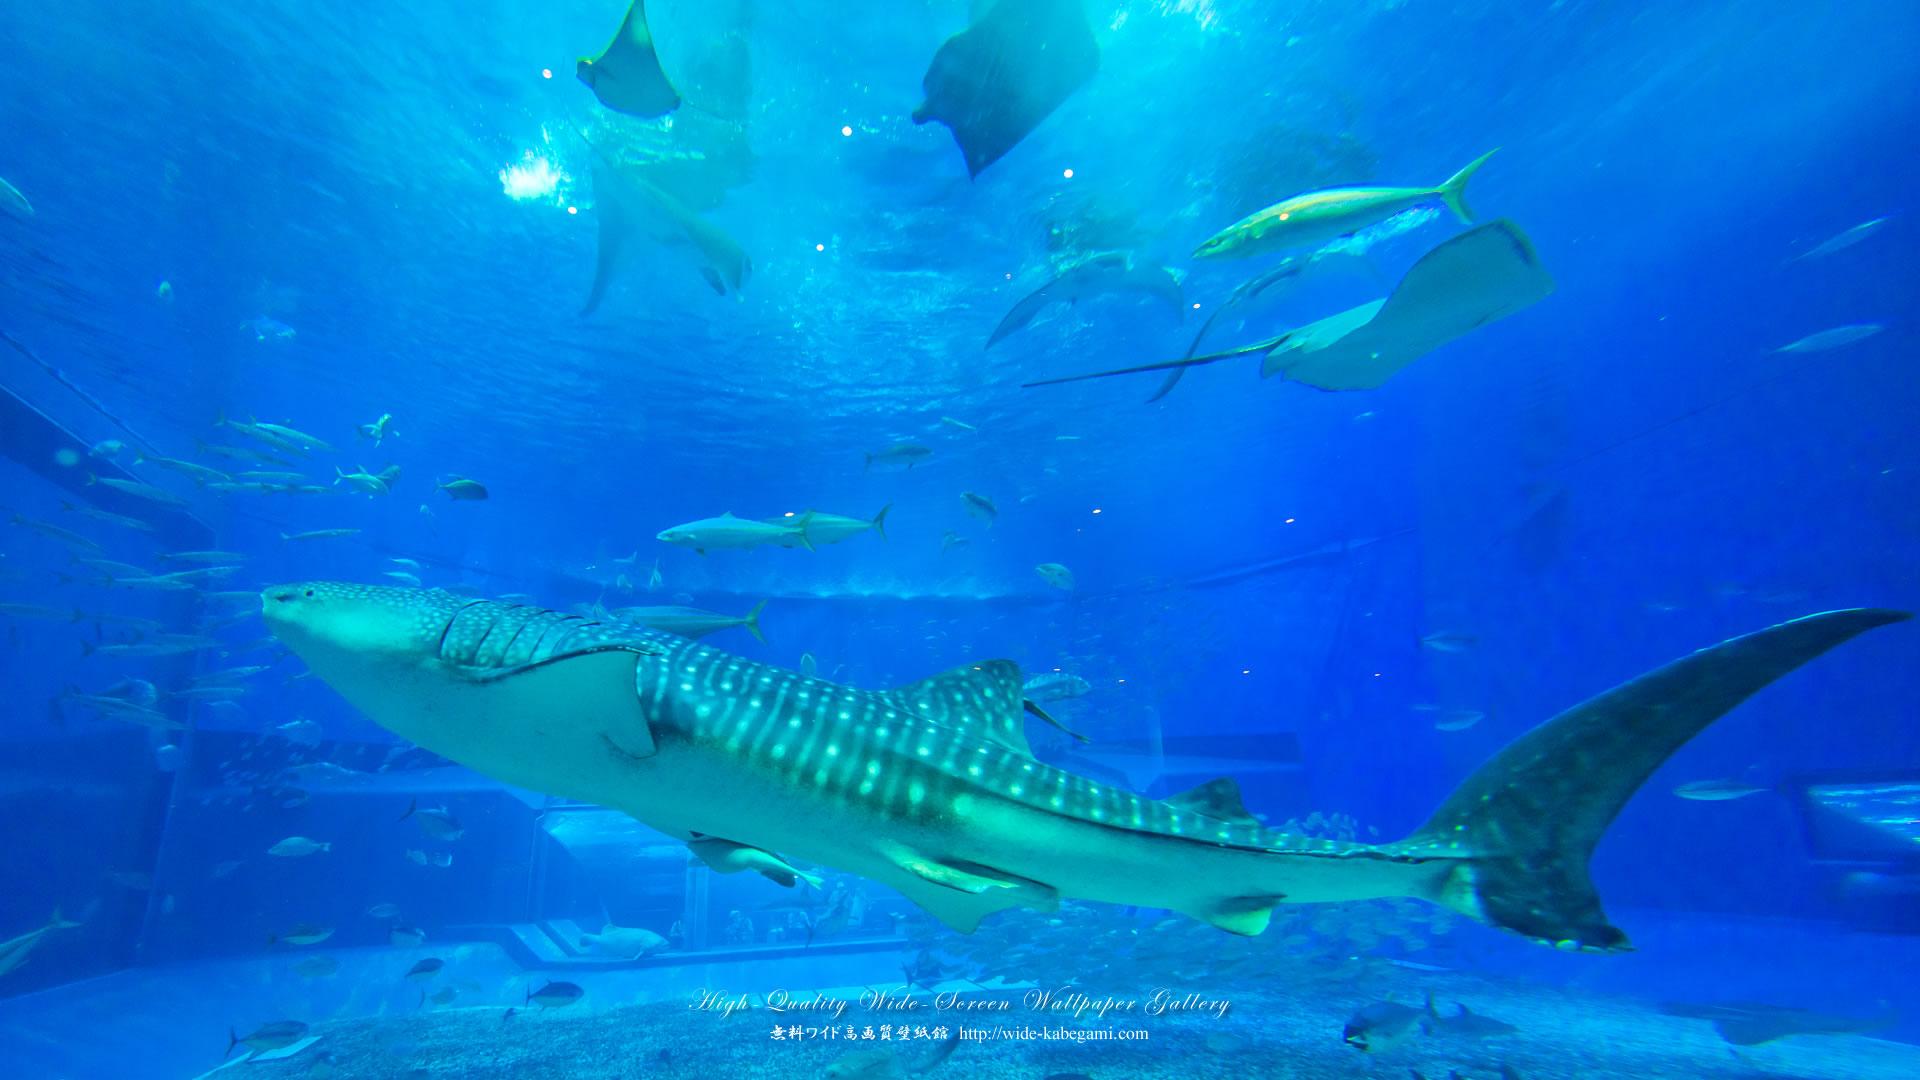 自然風景のワイド壁紙 19x1080 沖縄 美ら海水族館 2 無料ワイド高画質壁紙館